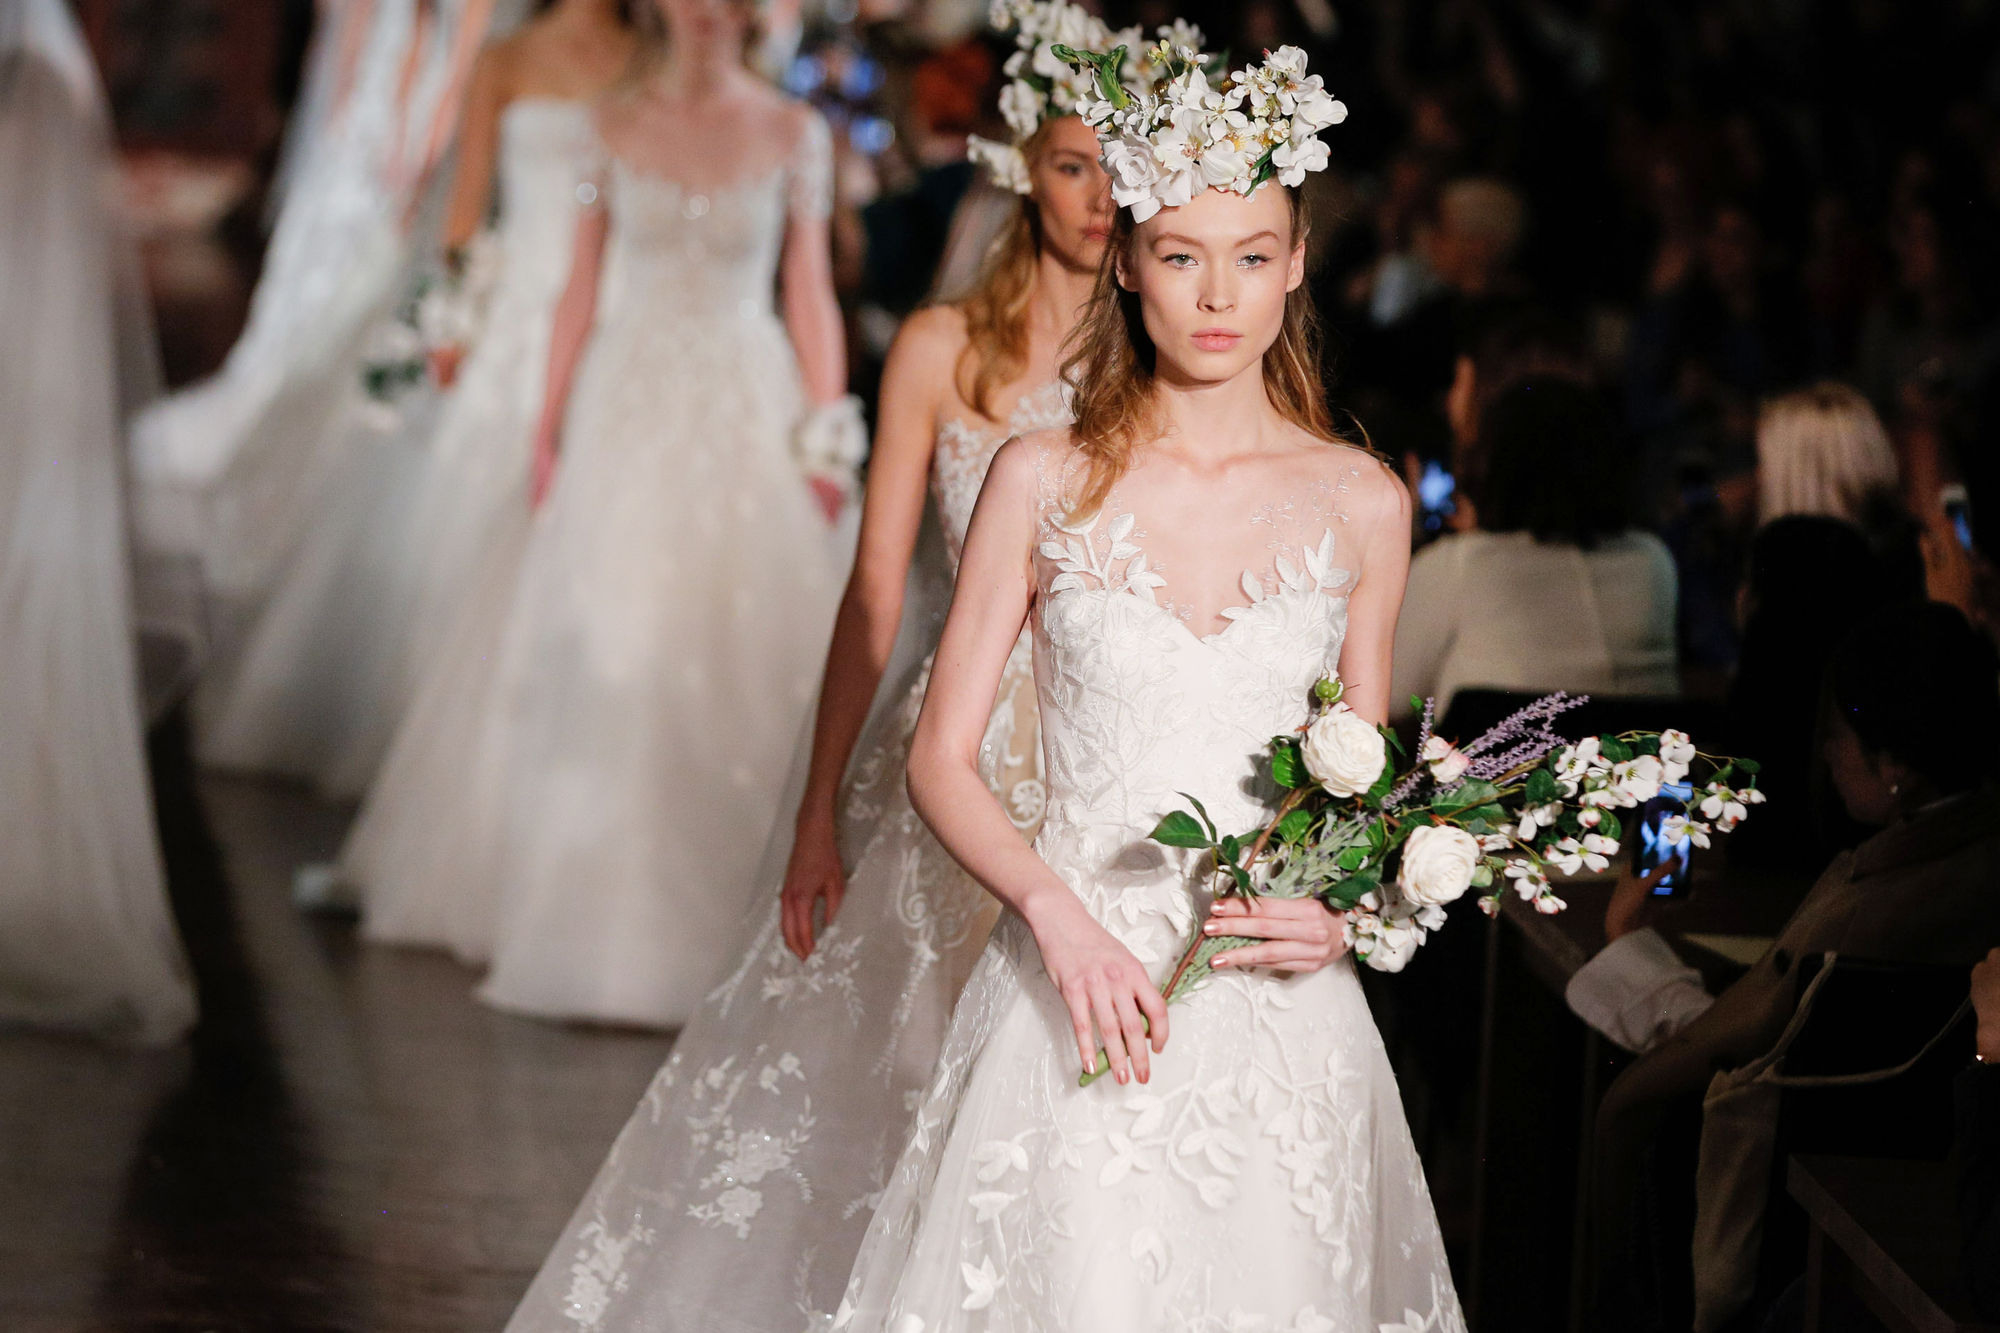 Brautkleid Verkaufen: Mit Diesen 6 Tipps Klappt Der Verkauf